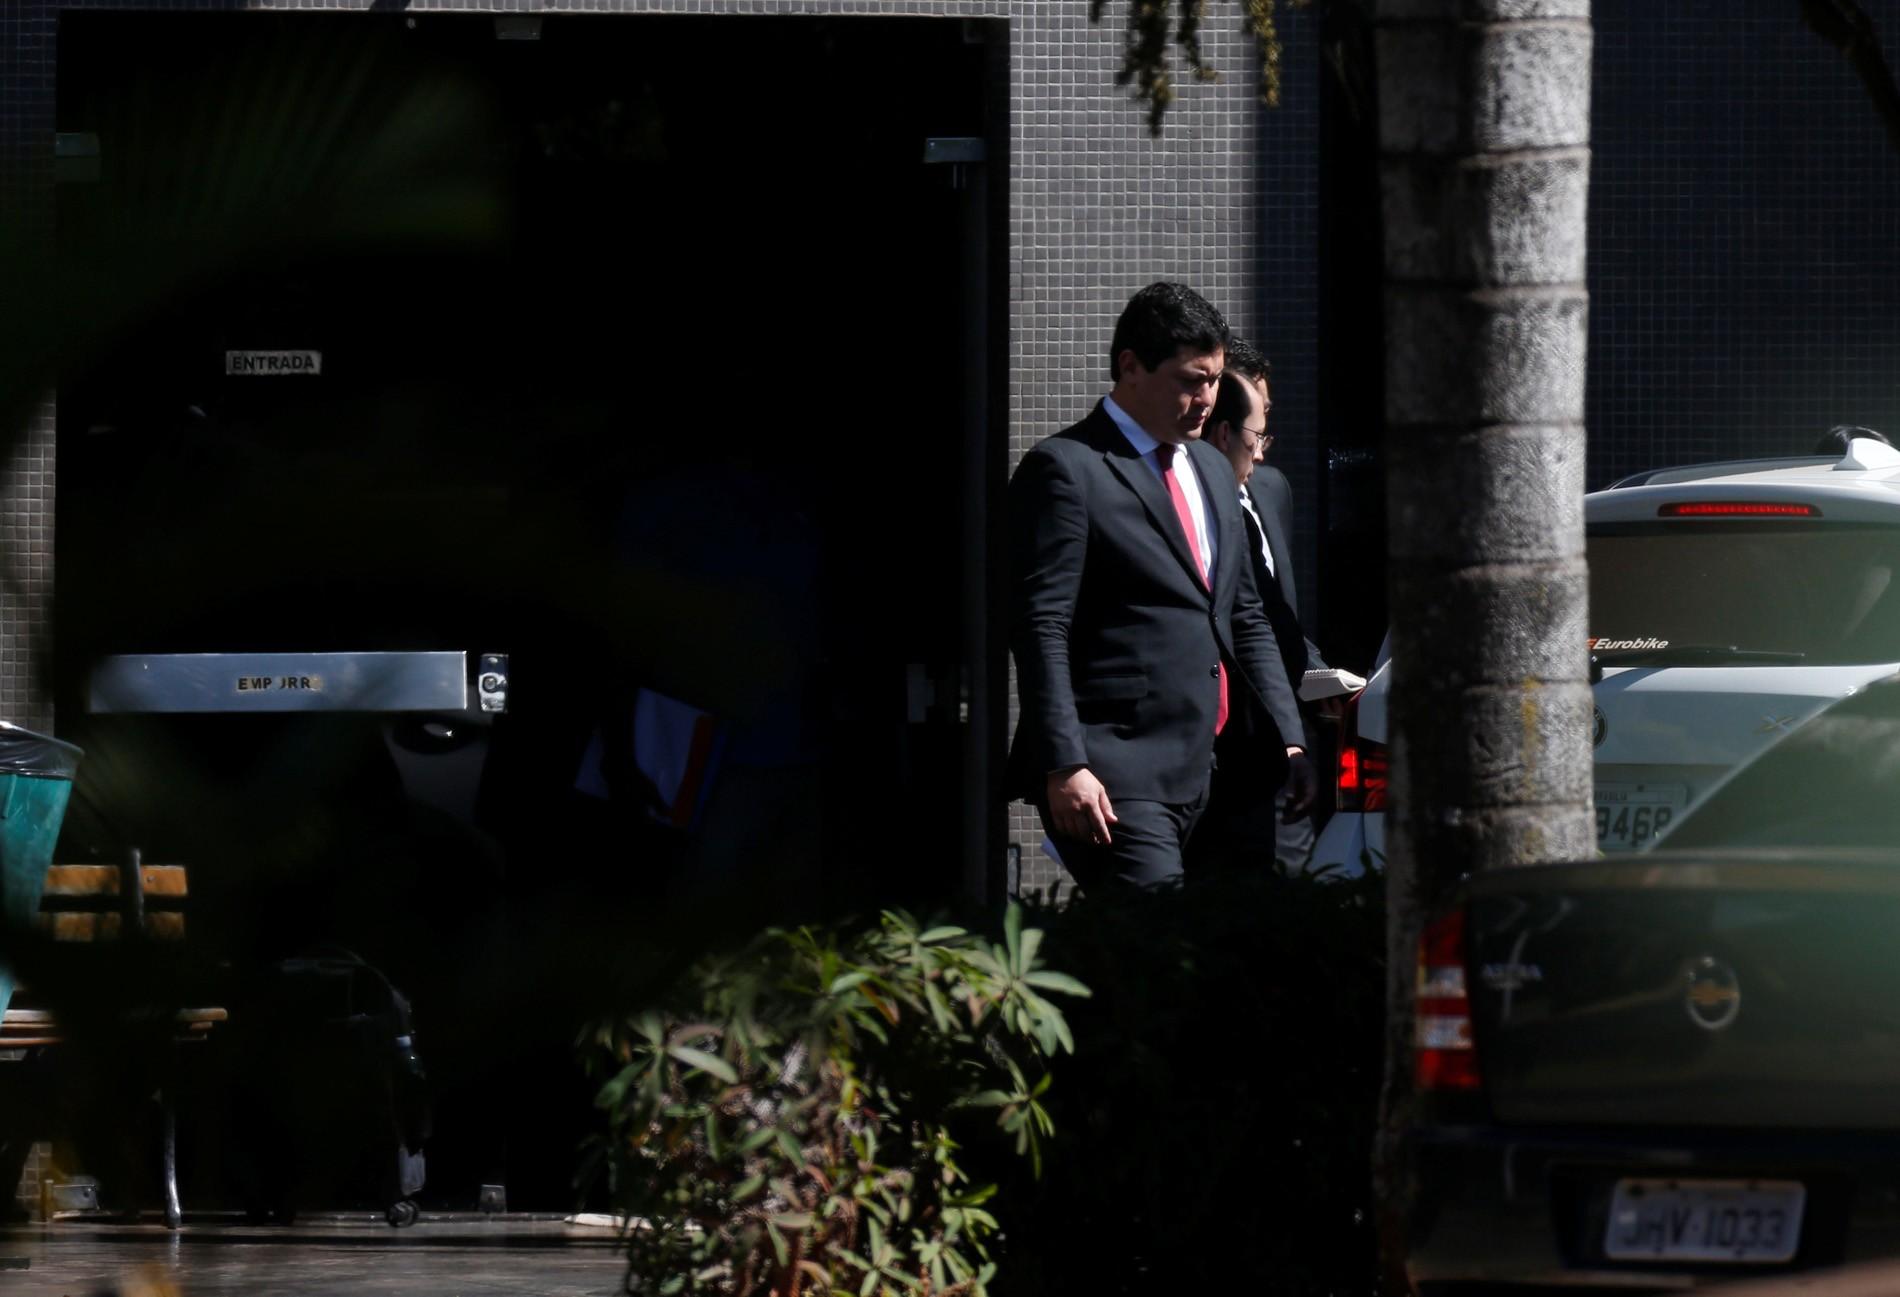 Ministro do Trabalho é afastado do cargo pelo Supremo em nova fase de operação da PF sobre fraudes em registros sindicais